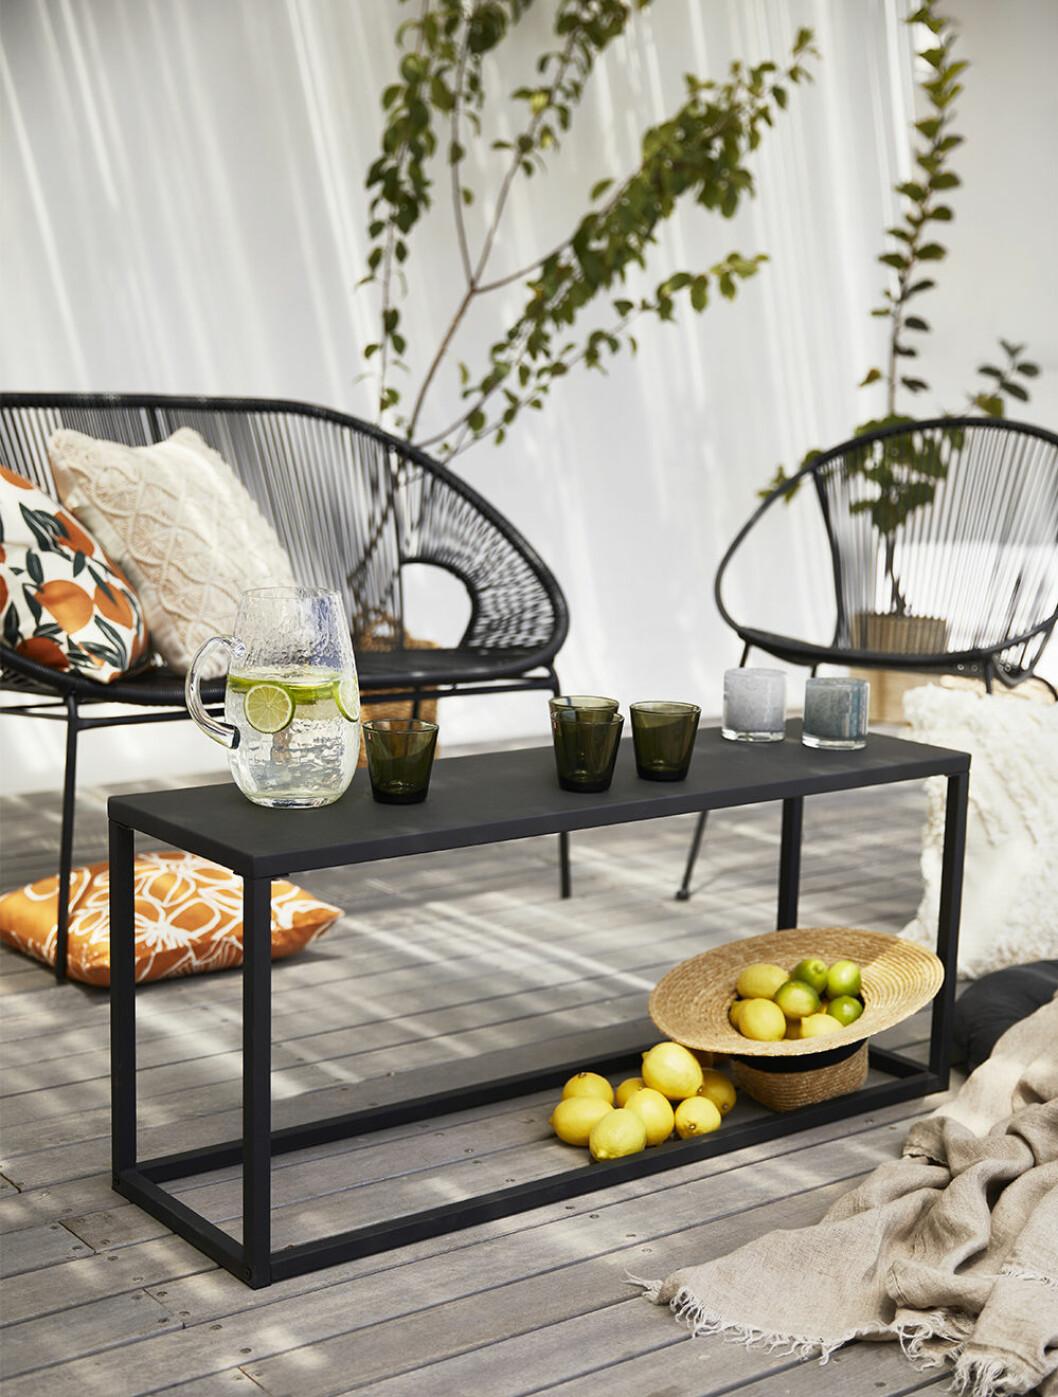 Bänk och soffa från Åhléns kollektion för uteplatsen 2020